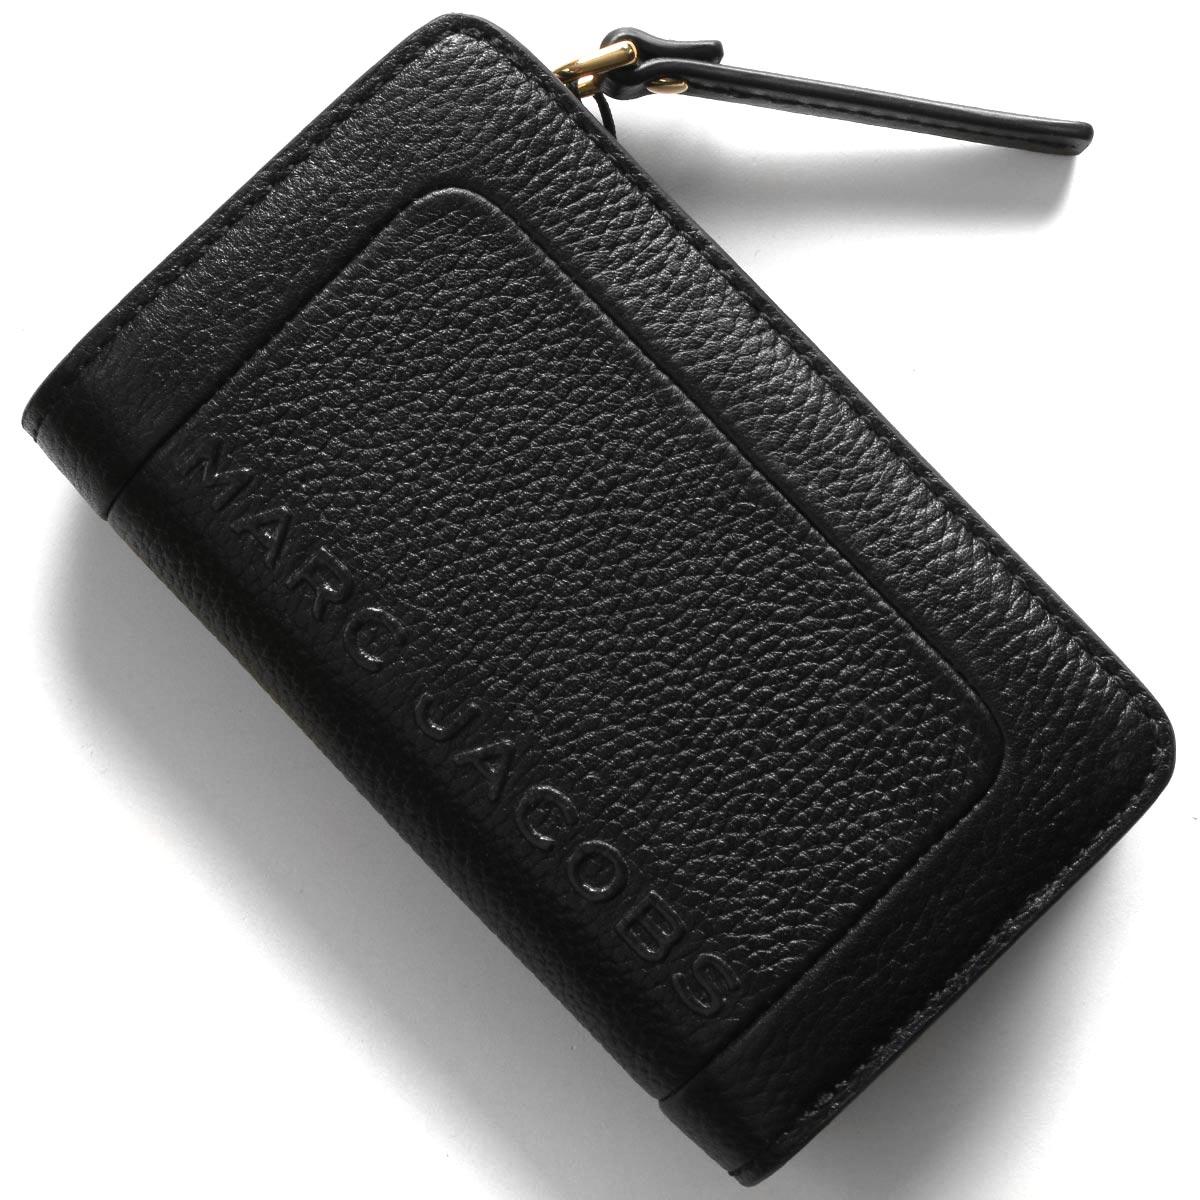 マークジェイコブス 二つ折り財布 財布 レディース ザ テクスチャード ボックス ブラック M0015105 001 2020年春夏新作 MARC JACOBS